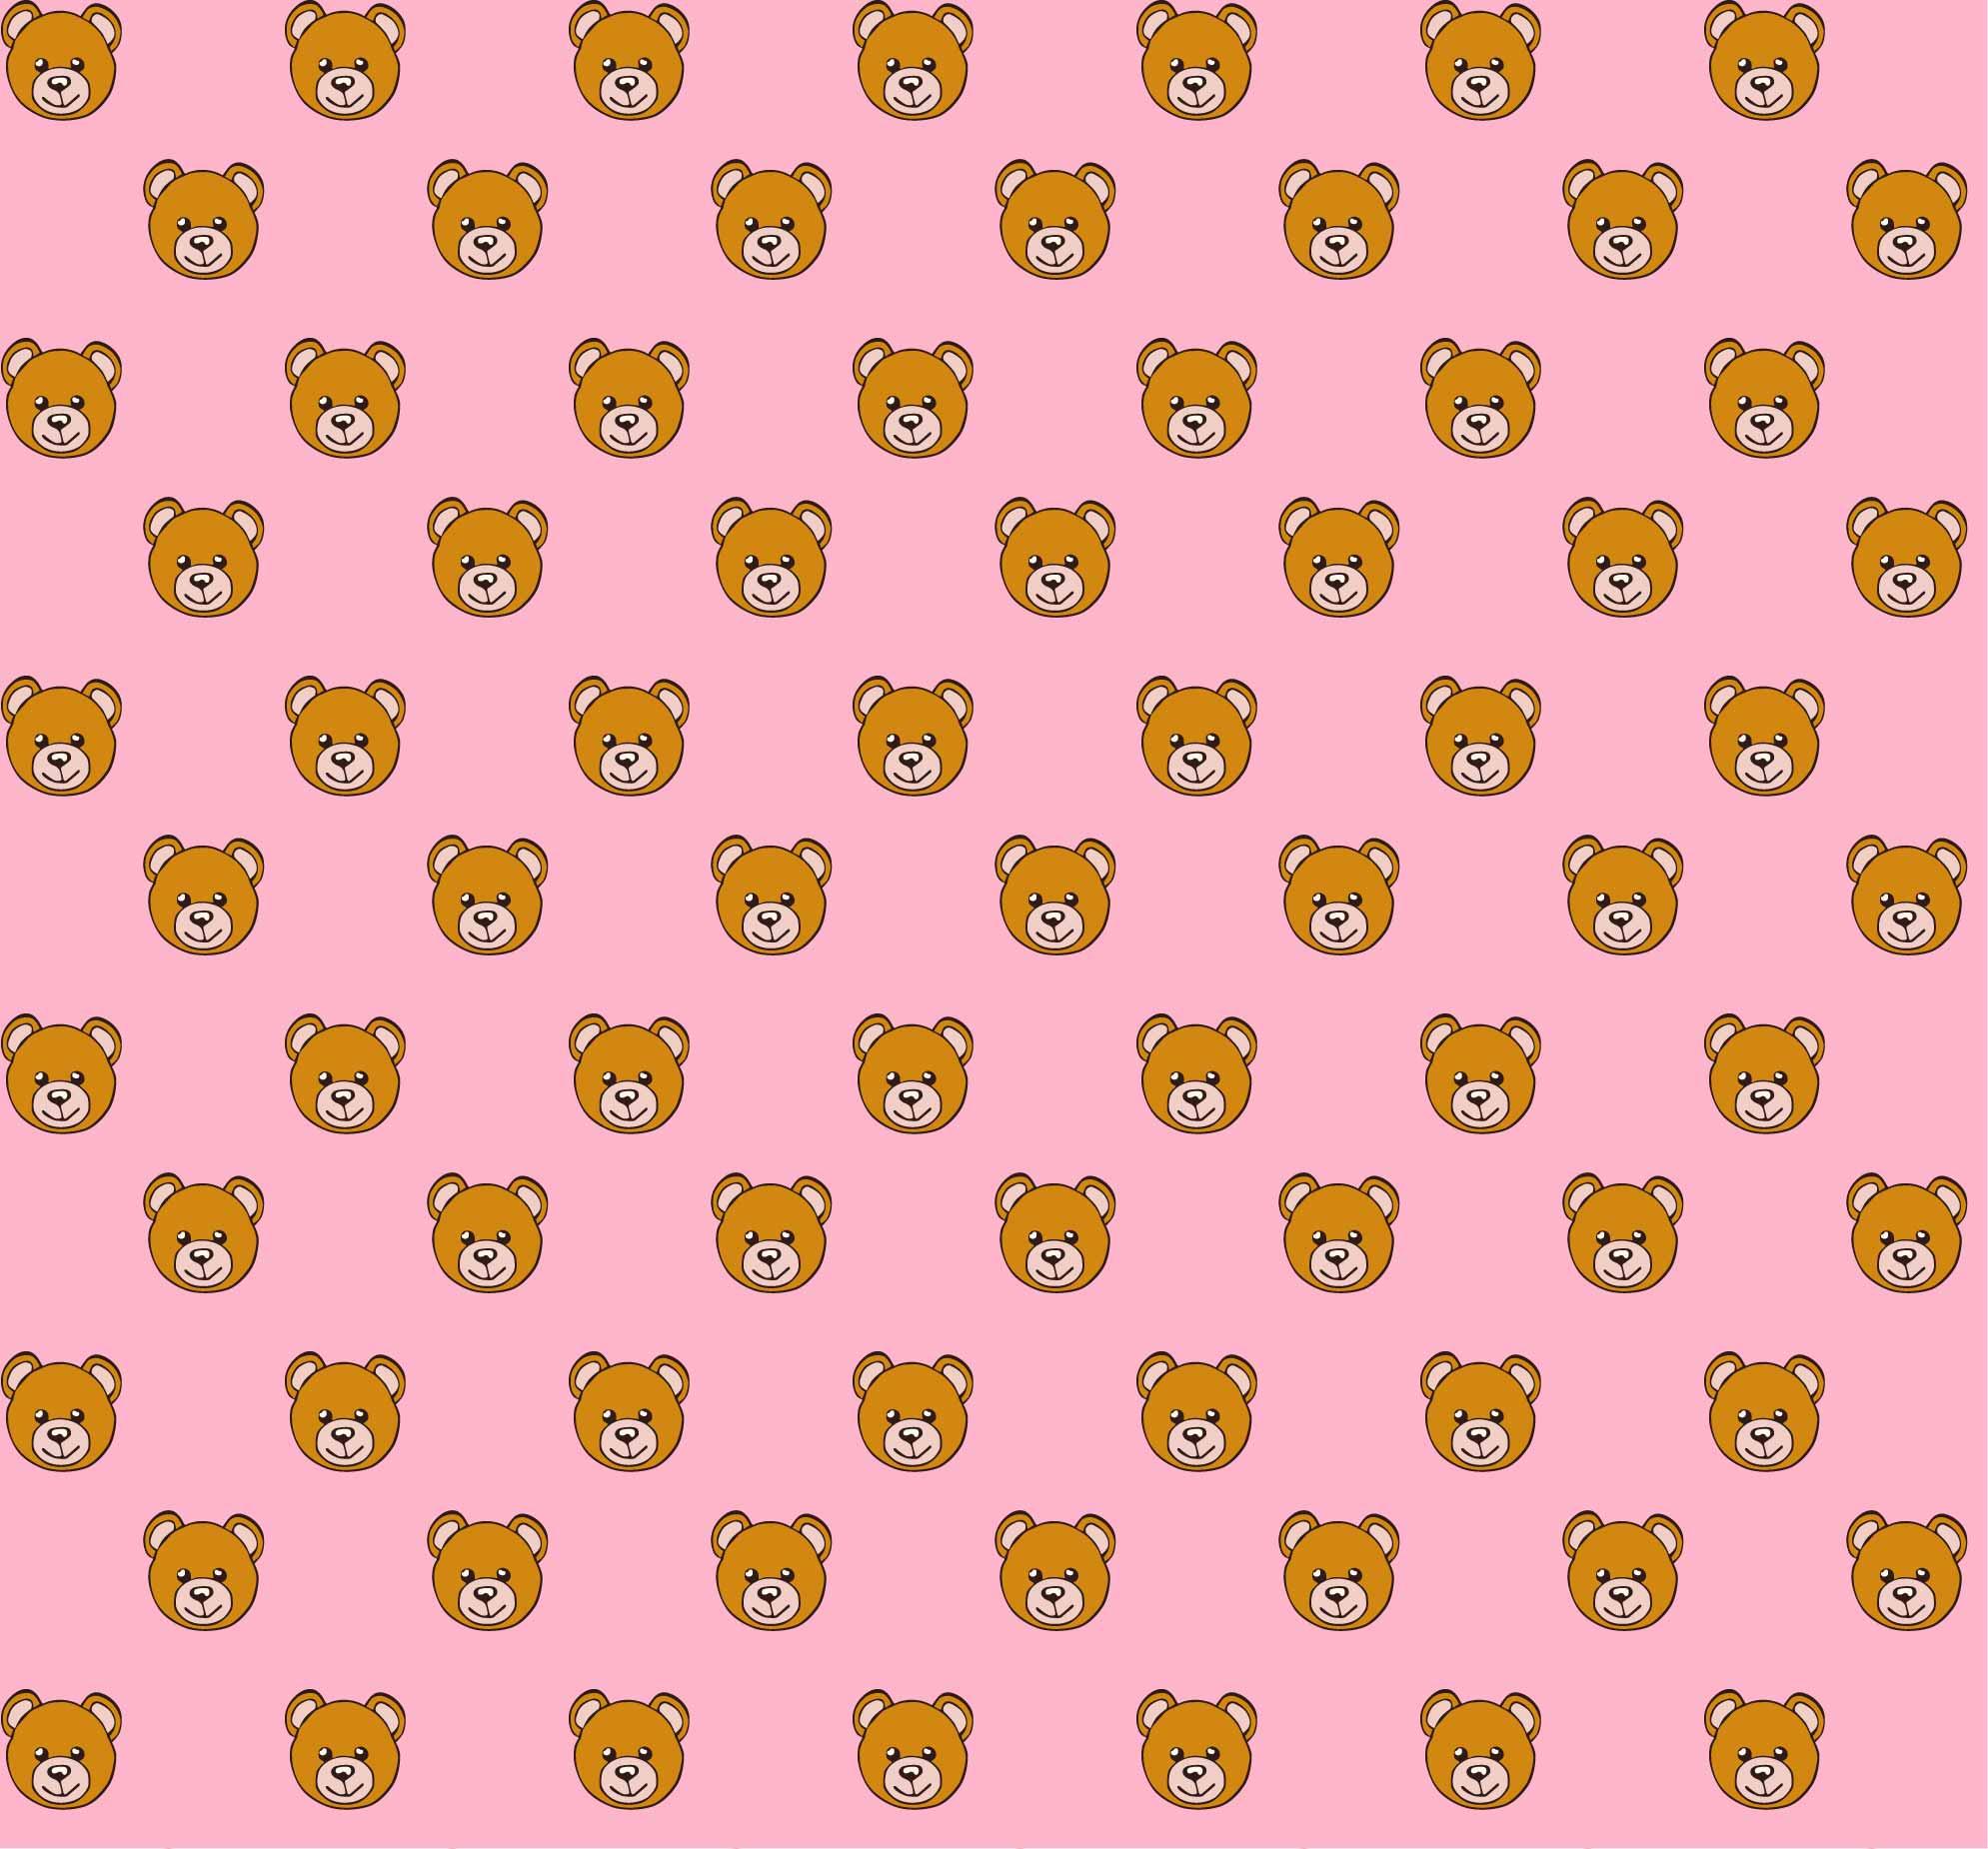 卡通动物眼镜小熊印花矢量图服装纺织数码印花花型素材-POP花型网